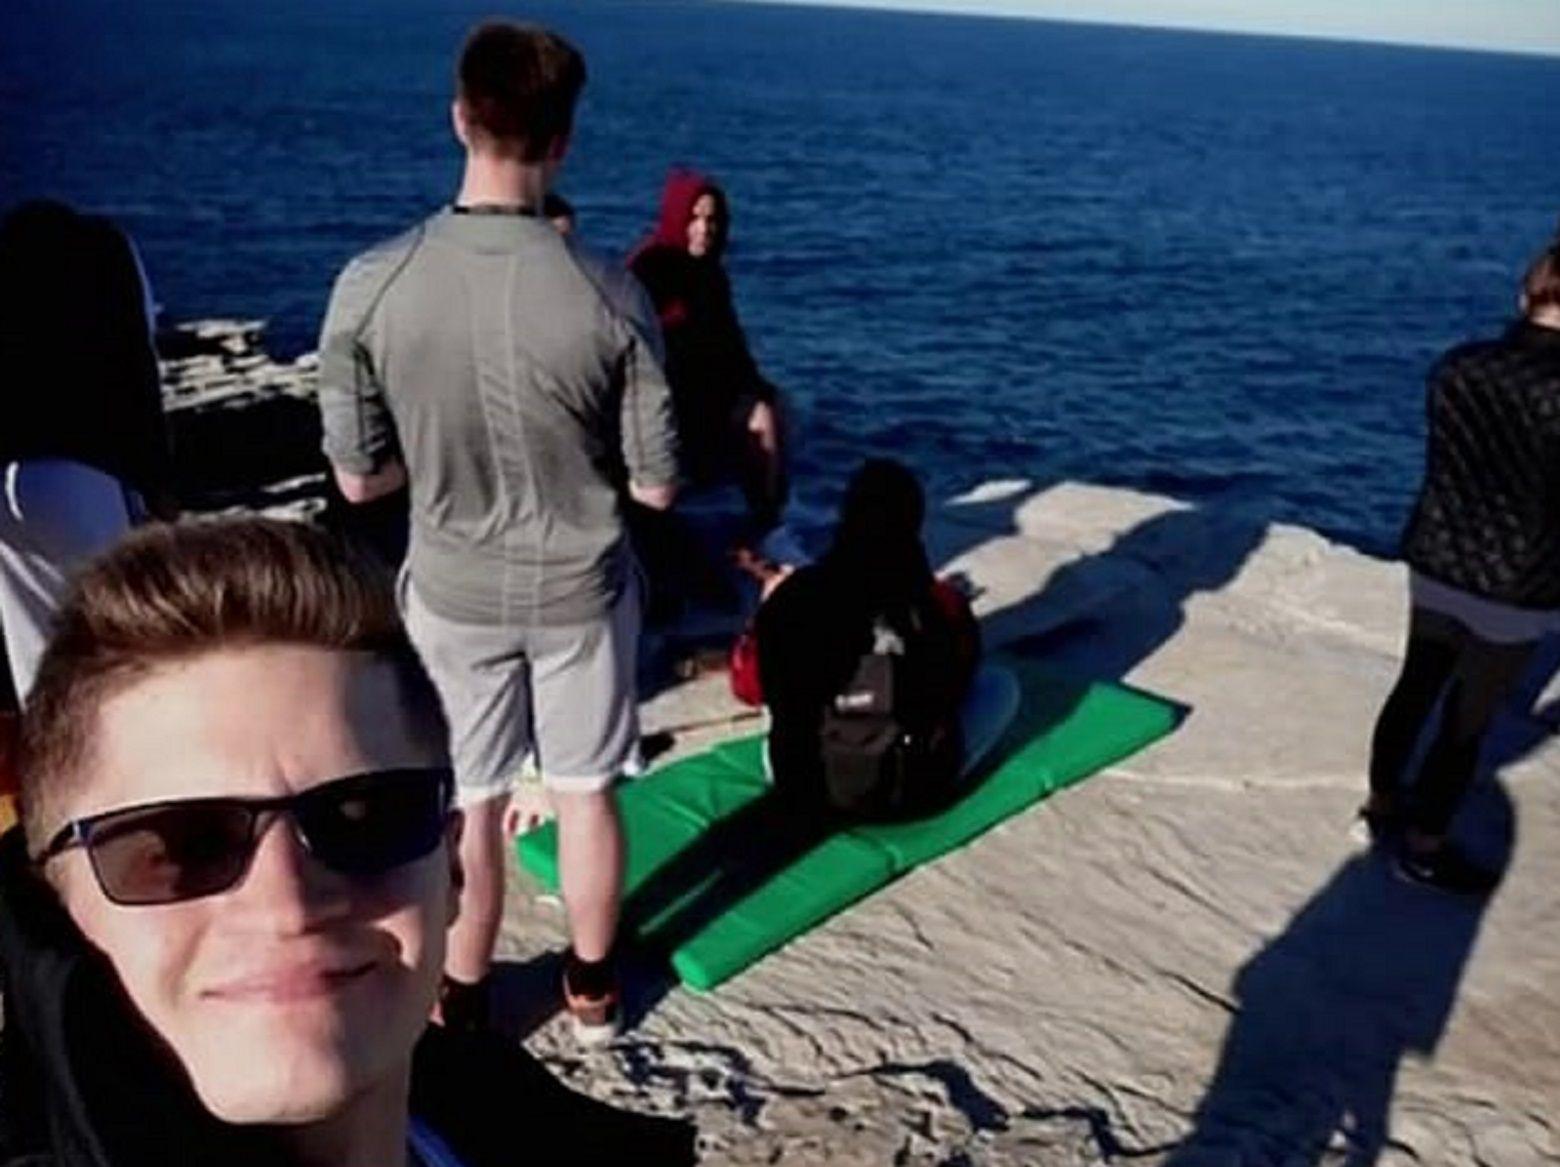 Gavin Zimmerman muriótras caer a un acantilado mientras se hacía una selfie